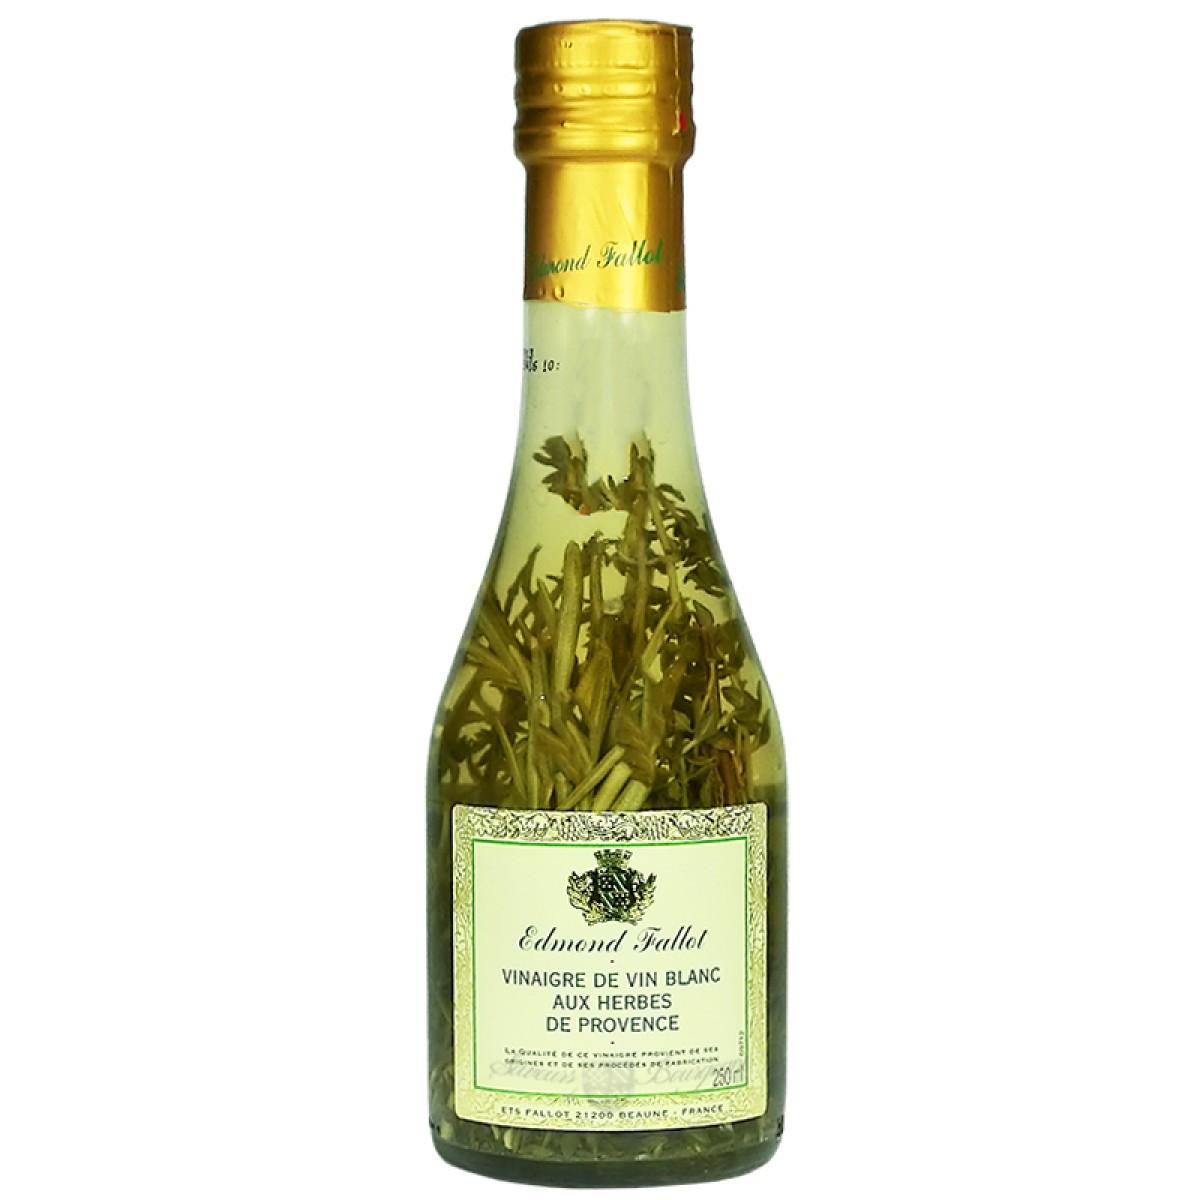 vinaigre de vin blanc aux herbes de provences 250ml fallot saveurs de bourgogne vente de. Black Bedroom Furniture Sets. Home Design Ideas